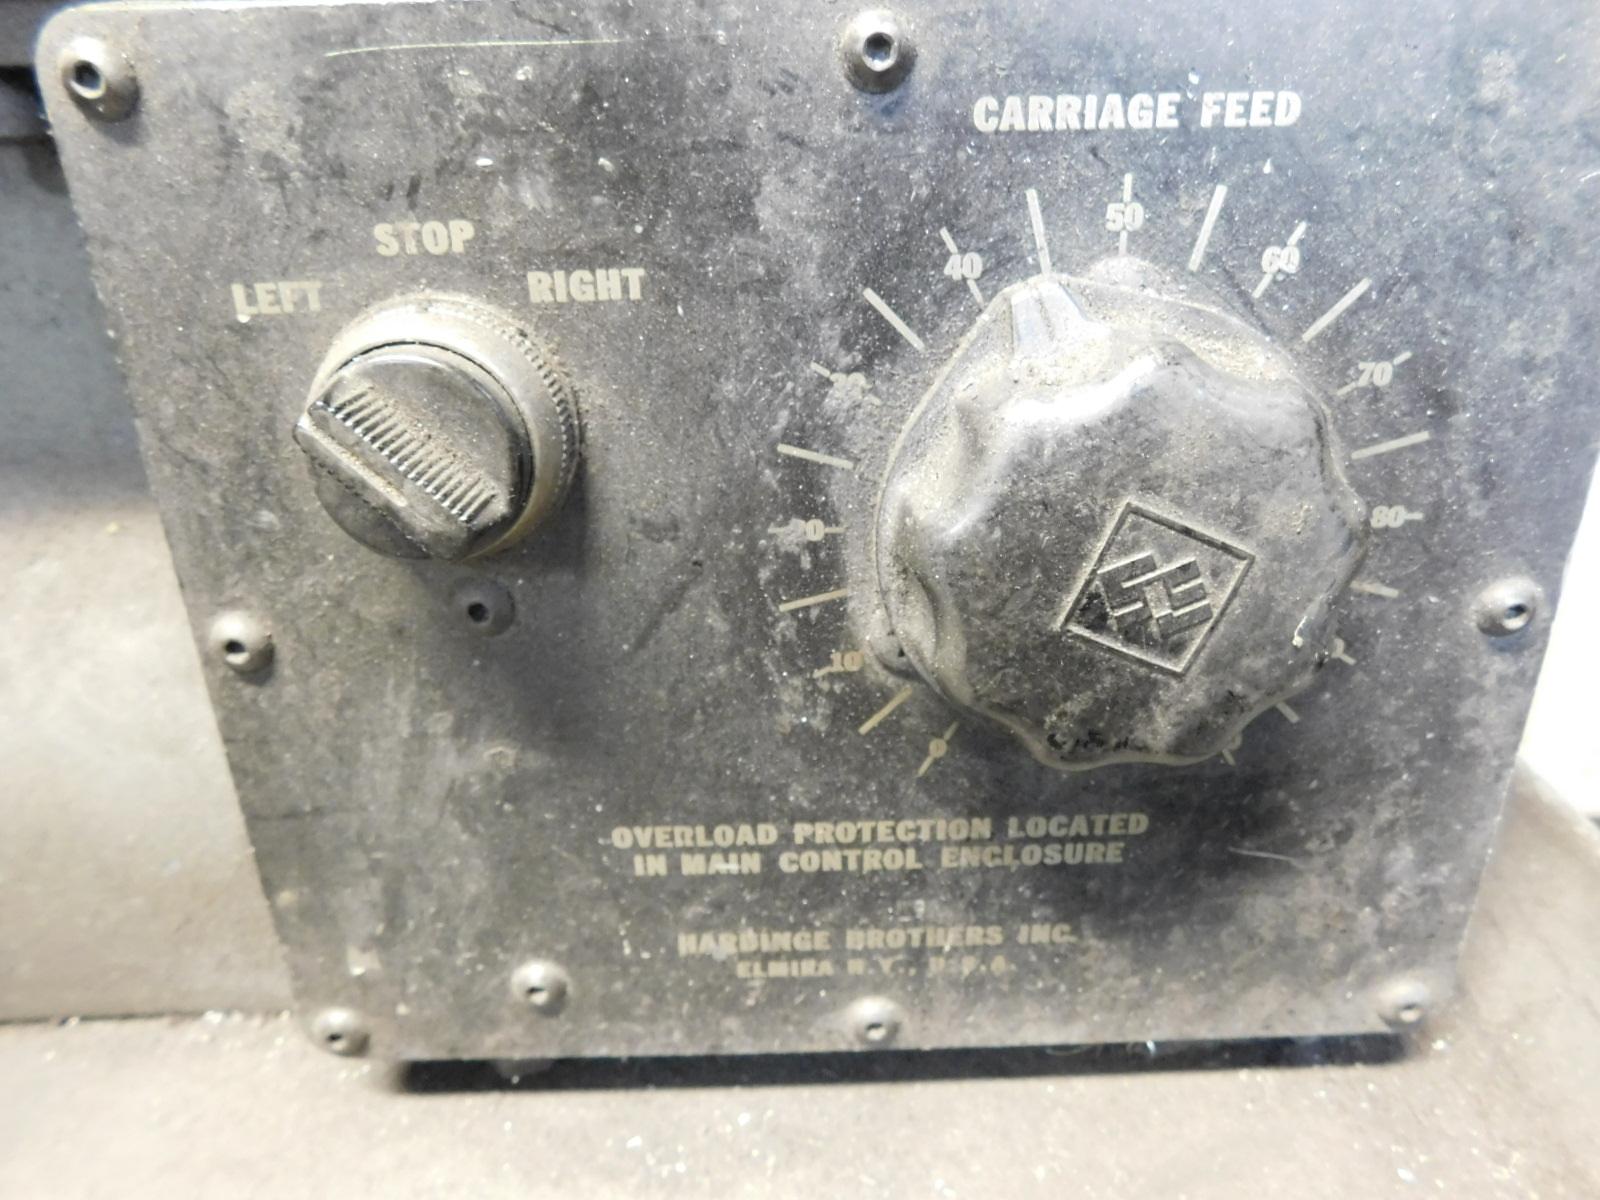 HARDINGE MODEL HC AUTOMATIC CHUCKING LATHE, S/N HC-4354-P - Image 3 of 8